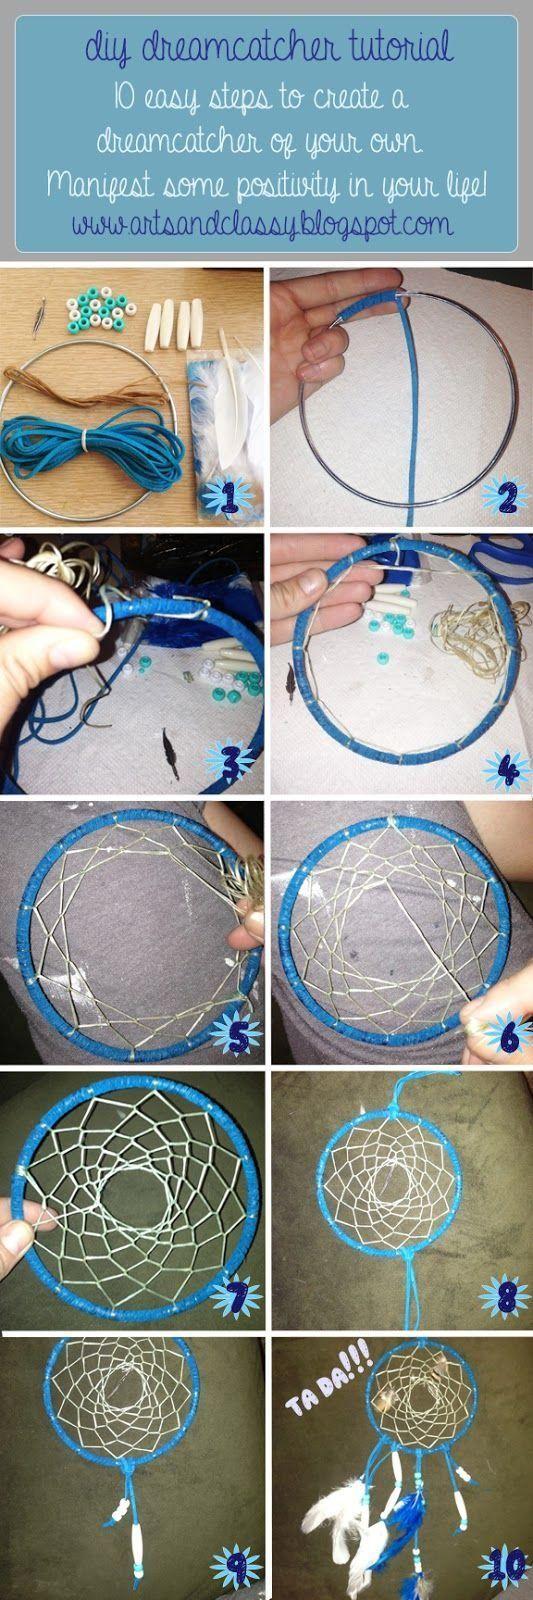 dream catcher tutorial.Craft ideas 8694 - LC.Pandahall.com